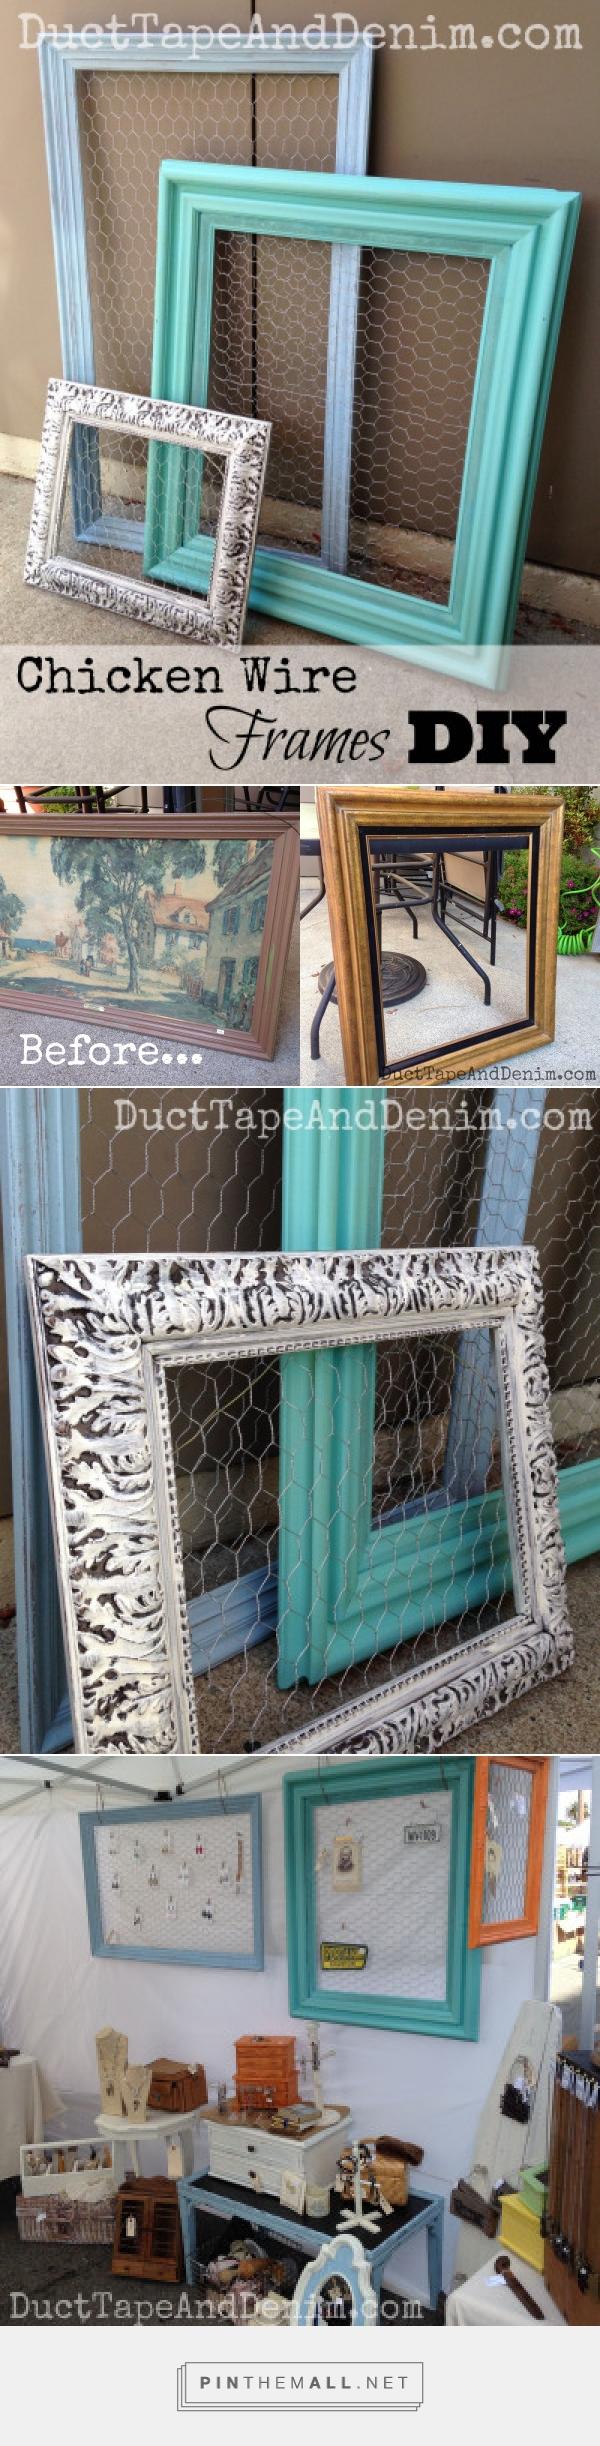 Chicken Wire Frames - DIY Repurposed Thrift Store Find | Chicken ...